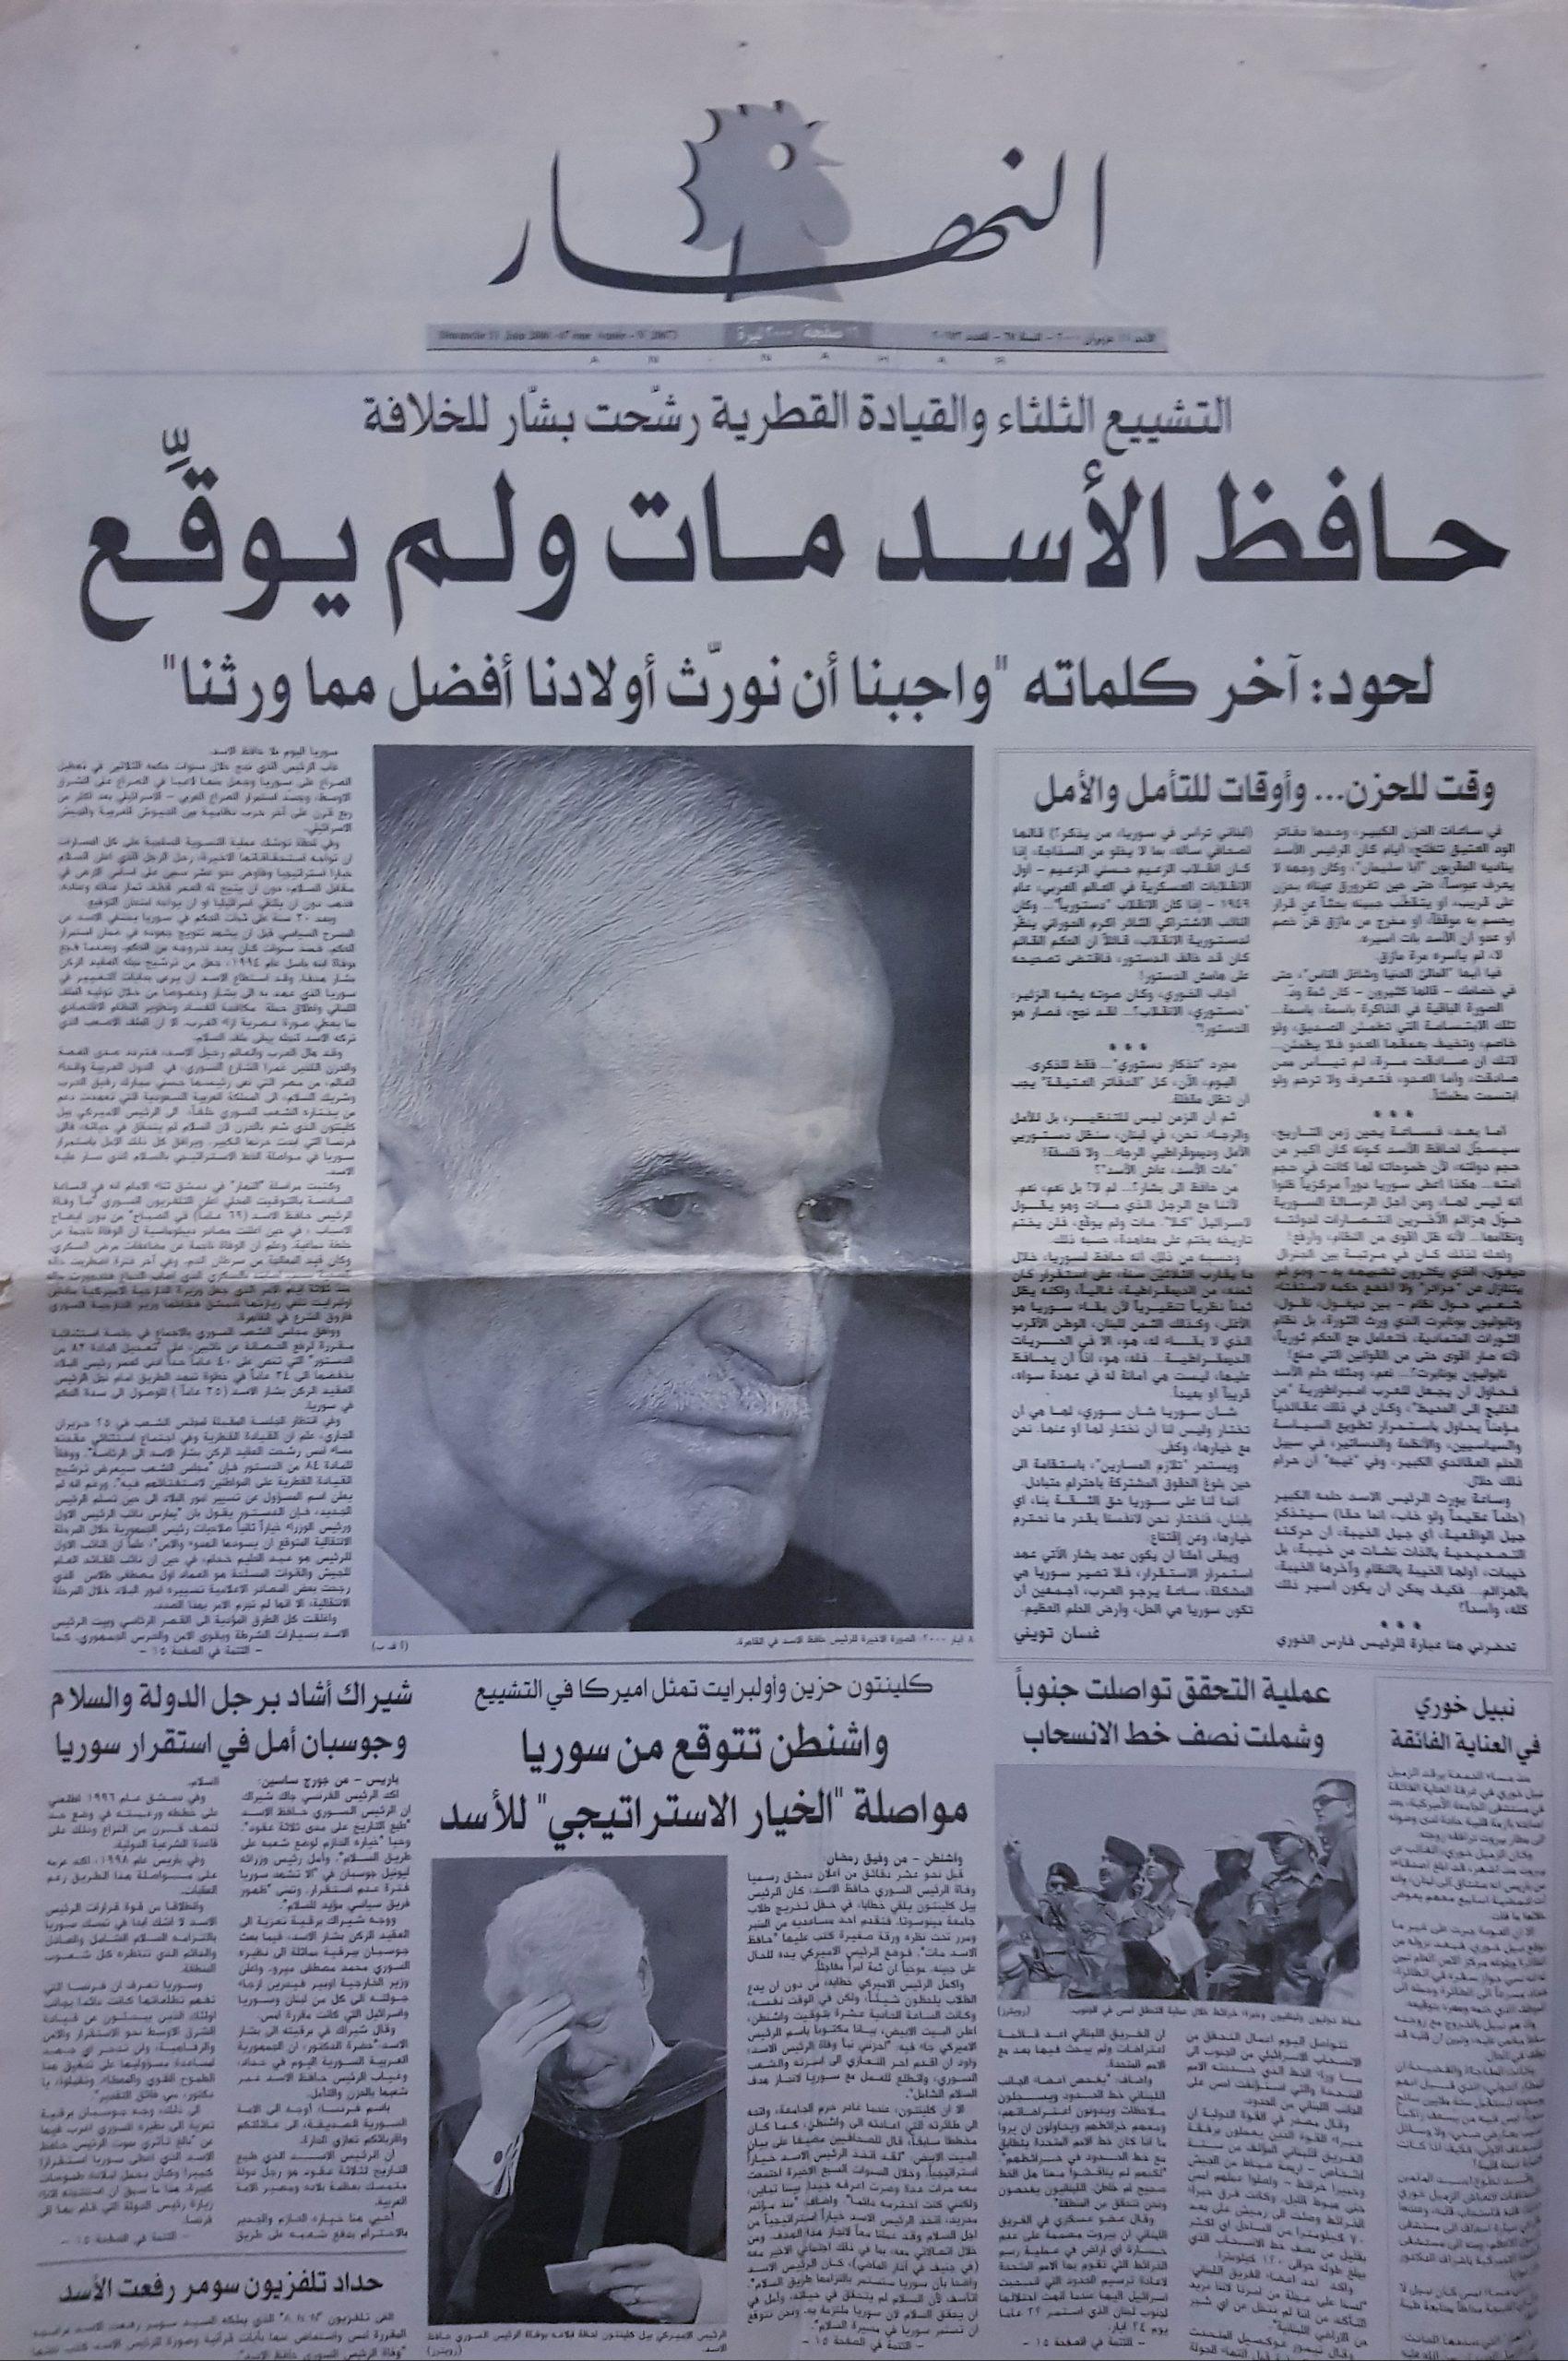 غلاف صحيفة النهار في اليوم التالي لوفاة حافظ الأسد